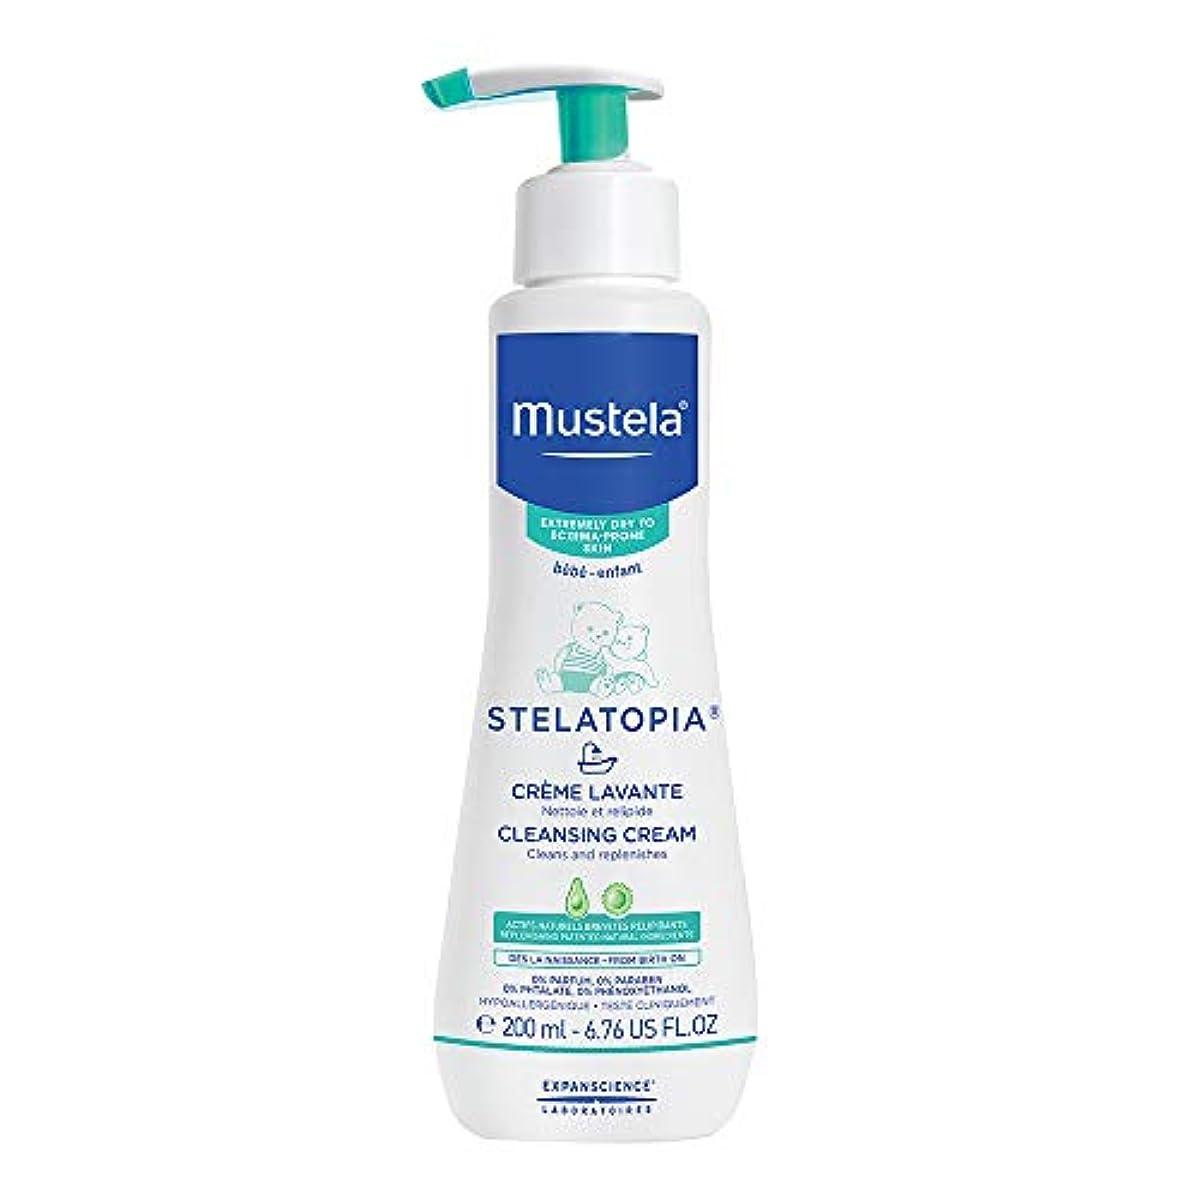 ベアリング操作セミナーMustela - Stelatopia Cleansing Cream (6.76 oz.)